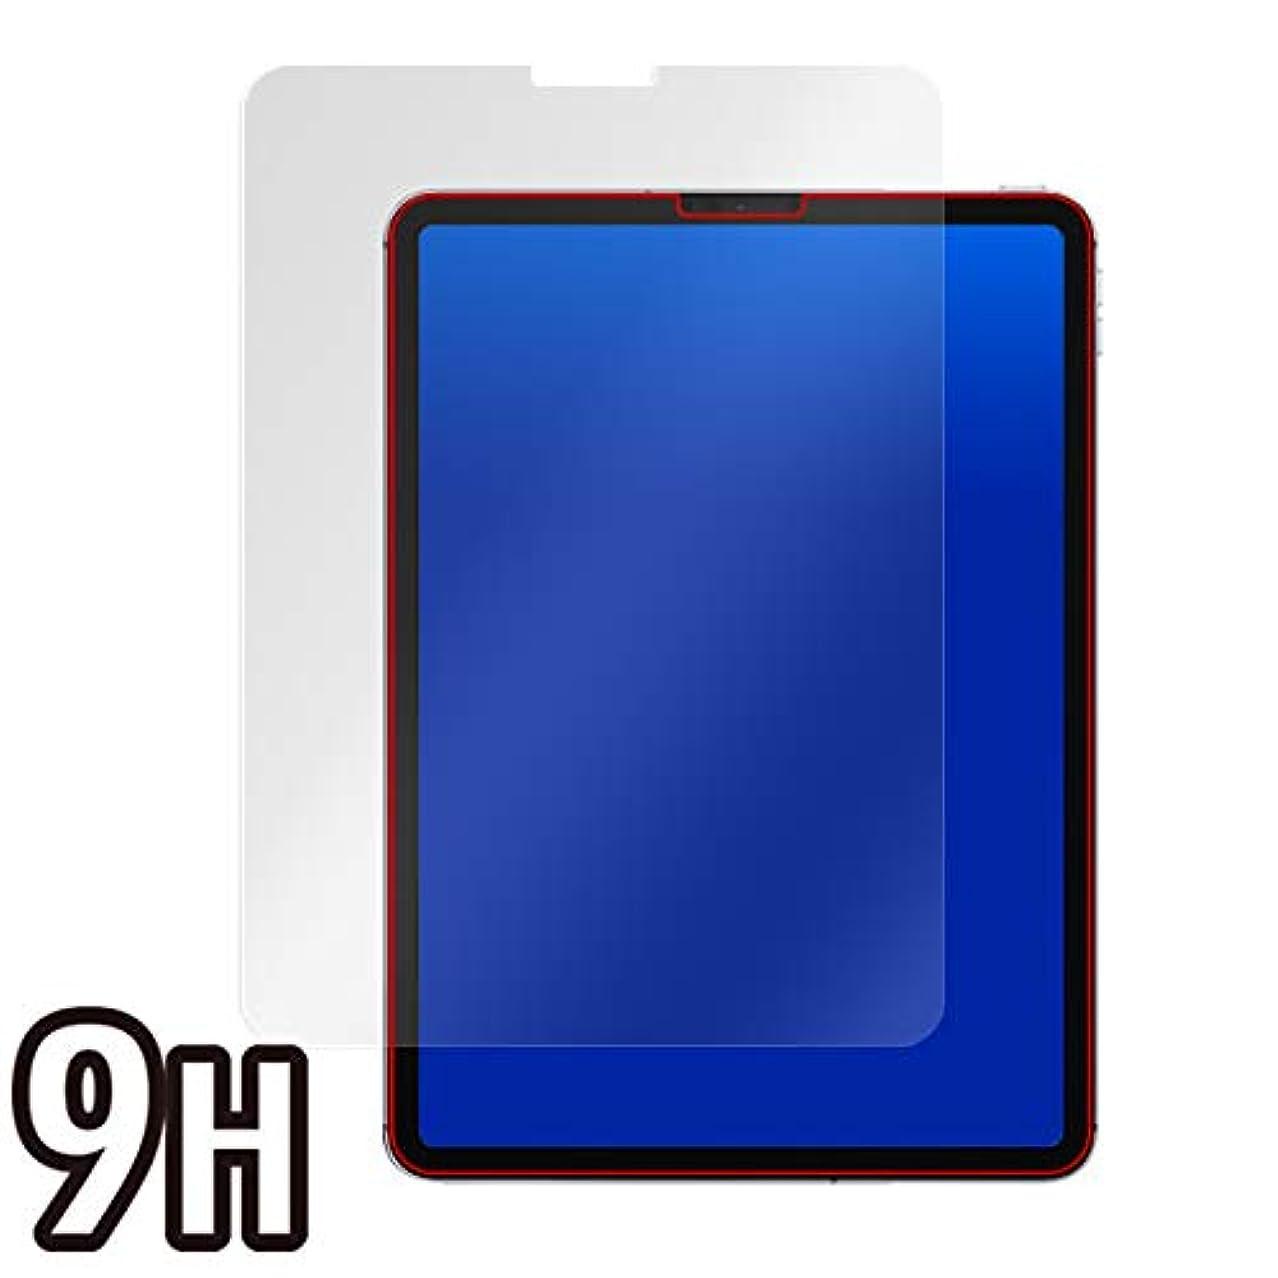 シルク球状盆地iPad Pro 11インチ (2018) 用 高硬度9H素材採用 日本製 傷がつきにくい 低反射保護フィルム OverLay Plus 9H O9HLEIPADPRO112018/F/1